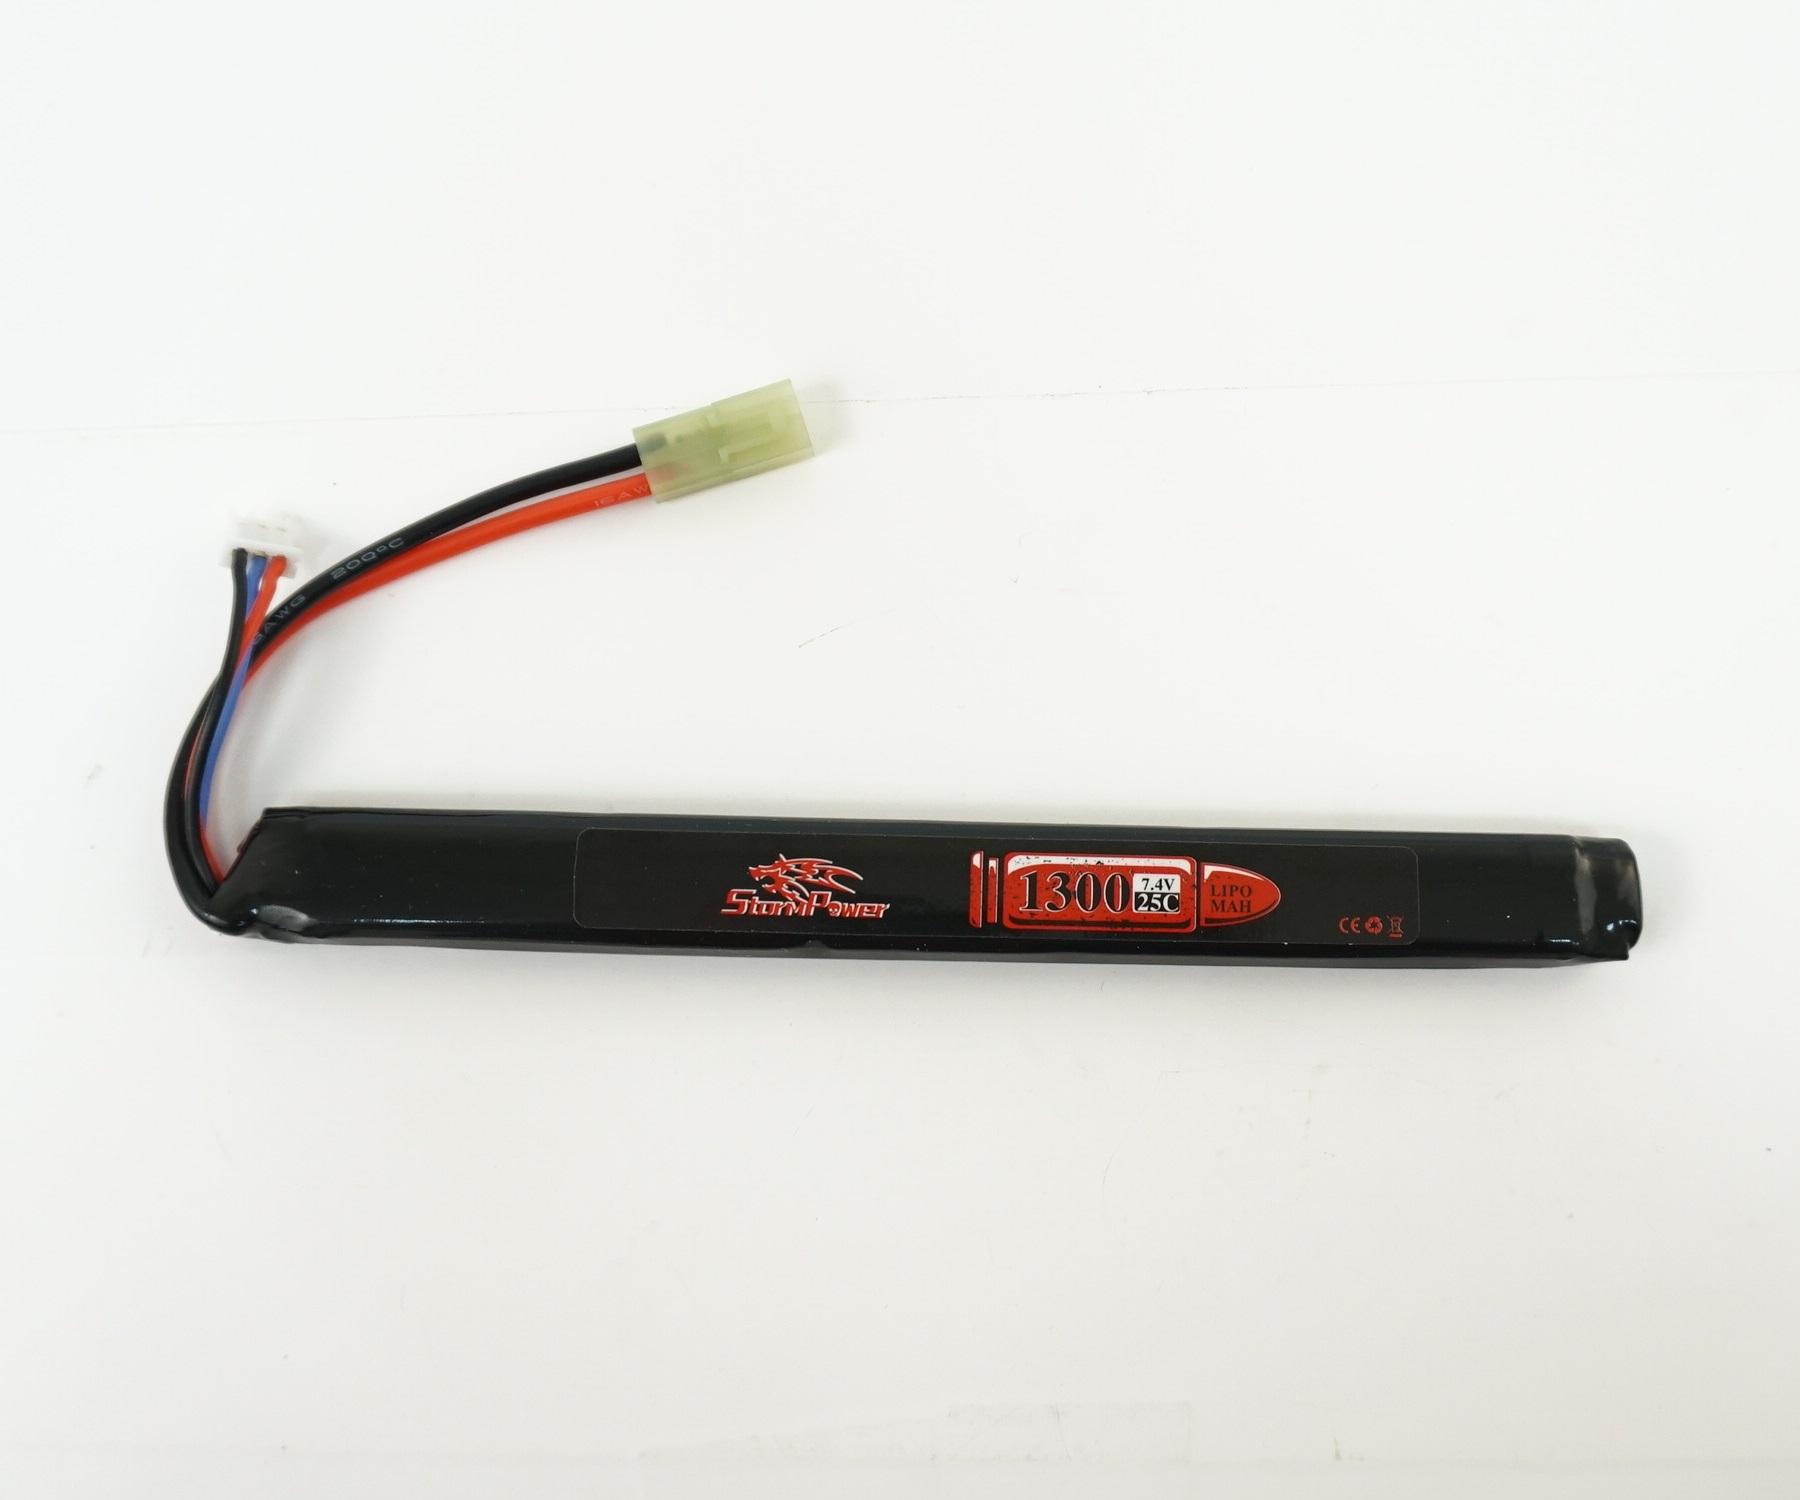 Аккумулятор Storm Power Li-Po 7.4V 1300mah 25C, 185x18x12 мм (SP-020)